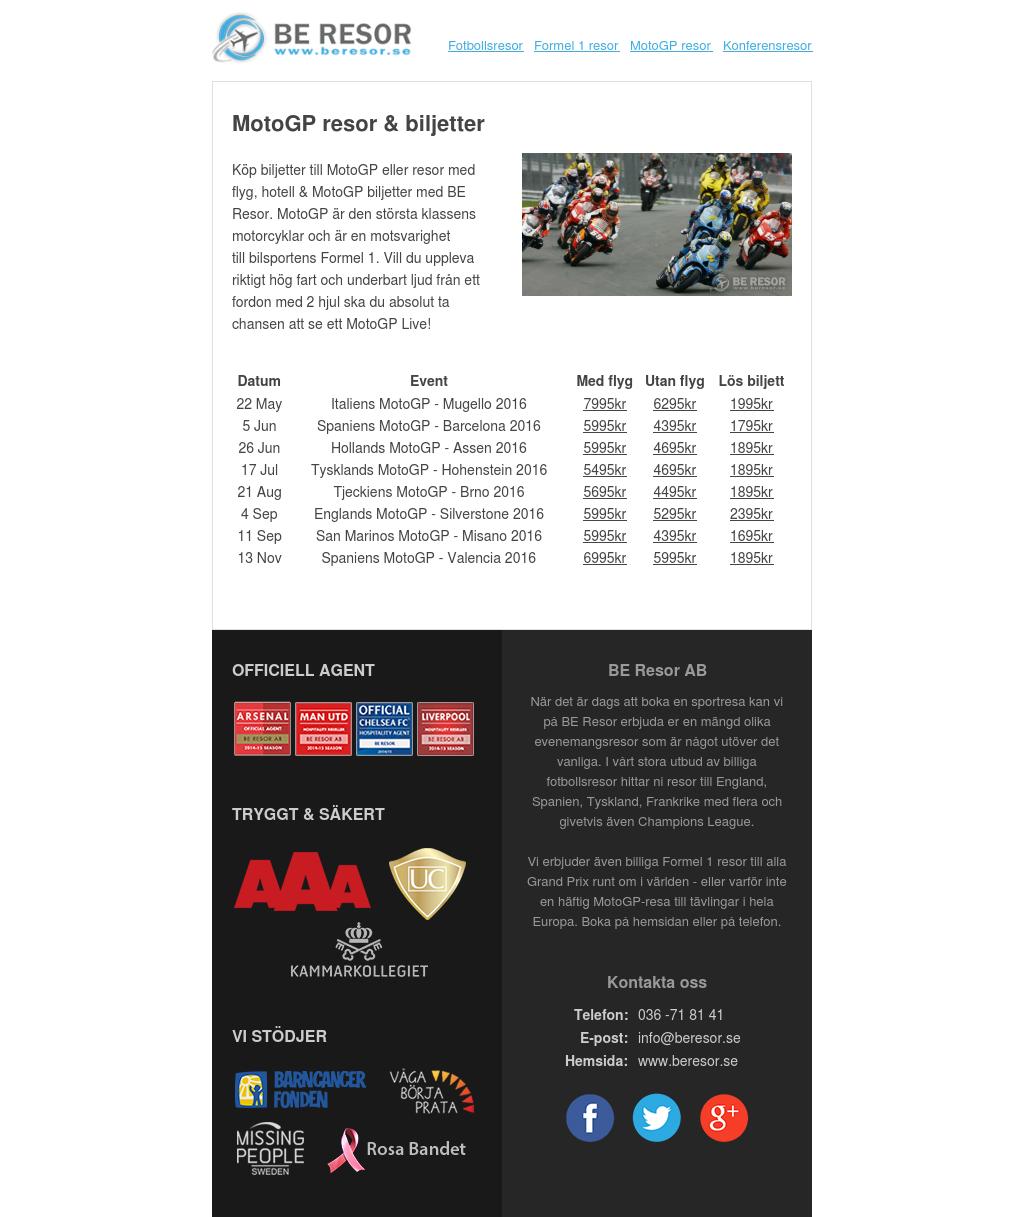 MotoGP resor & biljetter